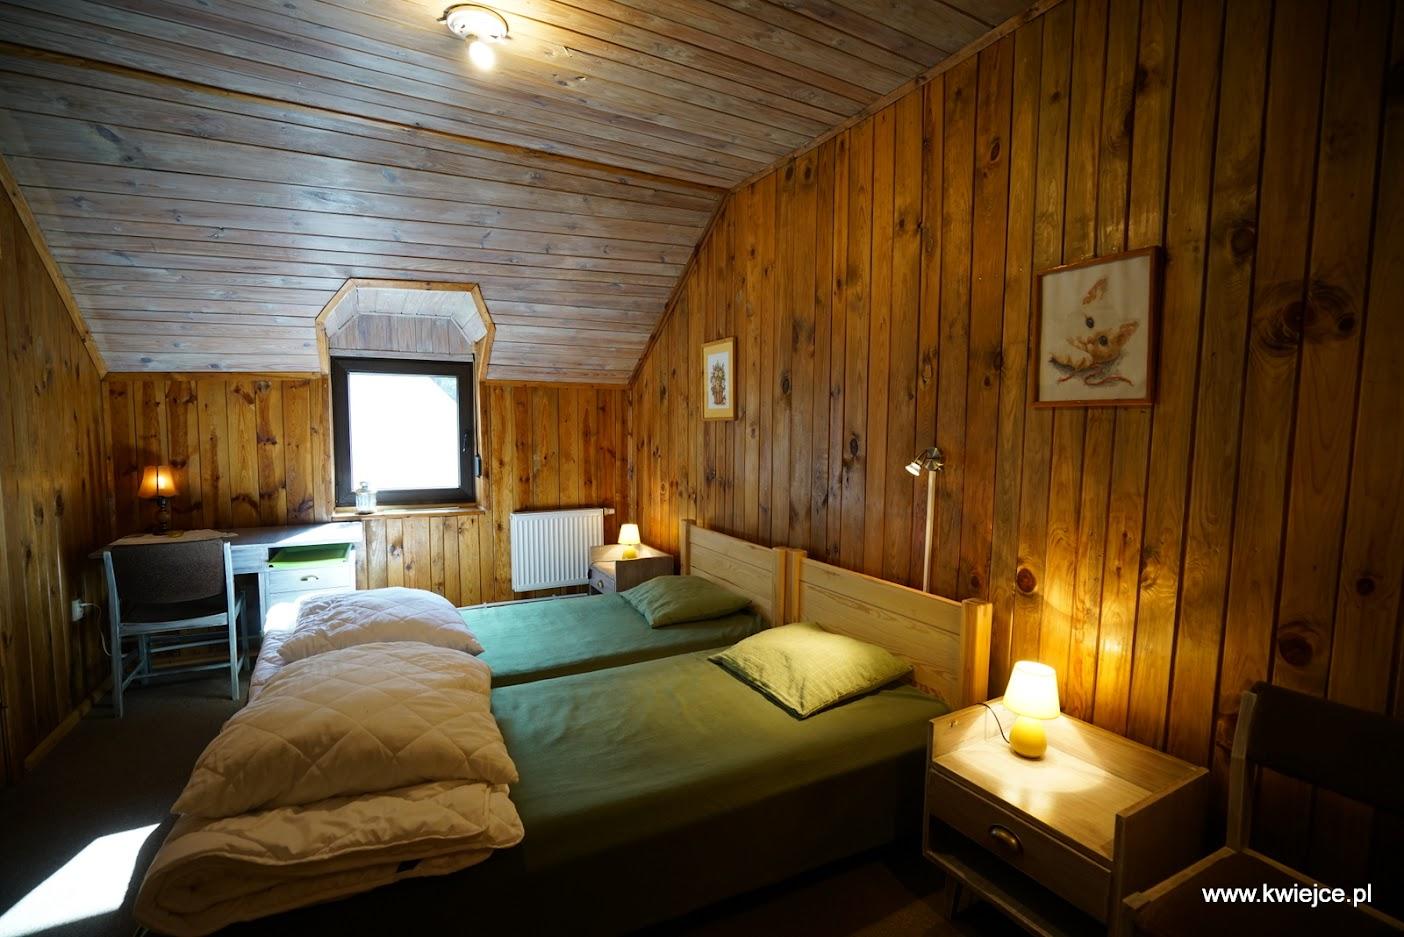 Pokój 3 - Romantyczny